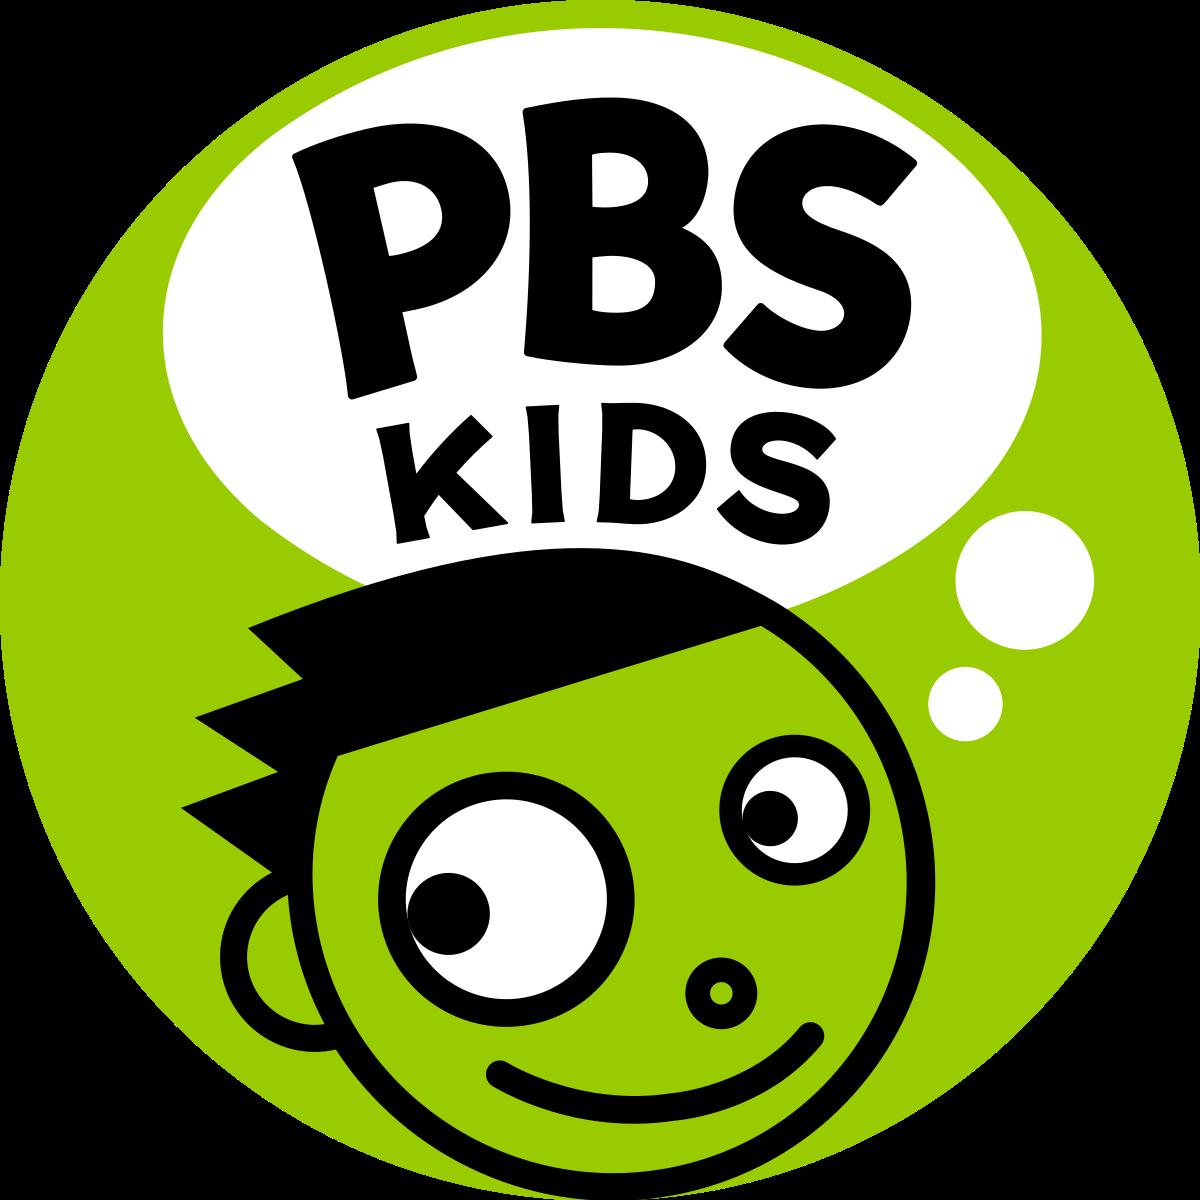 PBIS Kids